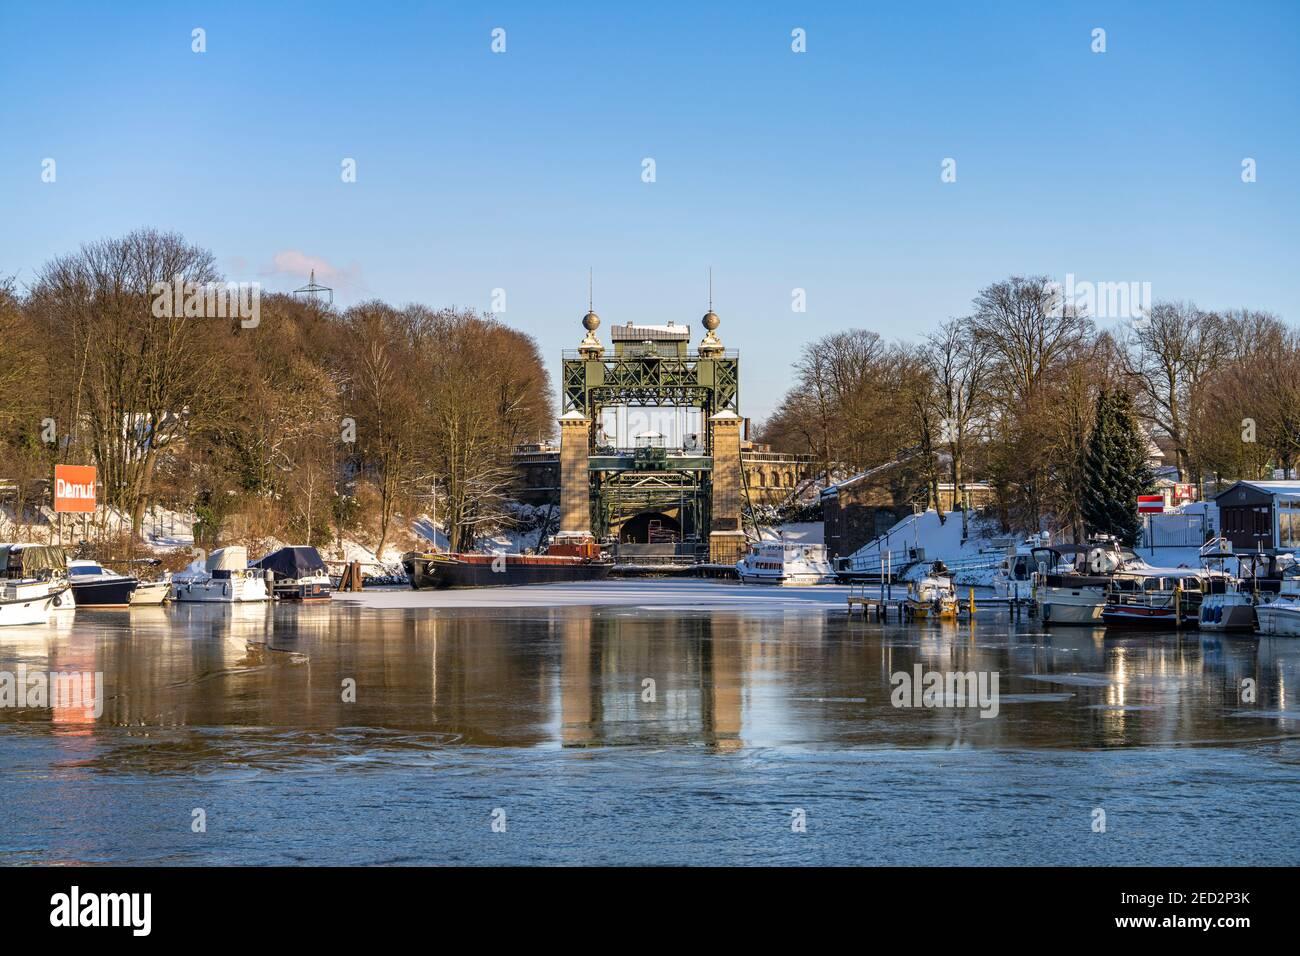 Das alte Schiffshebewerk Henrichenburg am Dortmund-Ems-Kanal in Waltrop, Nordrhein-Westfalen, Deutschland, Europa   Historic Henrichenburg boat lift i Stock Photo